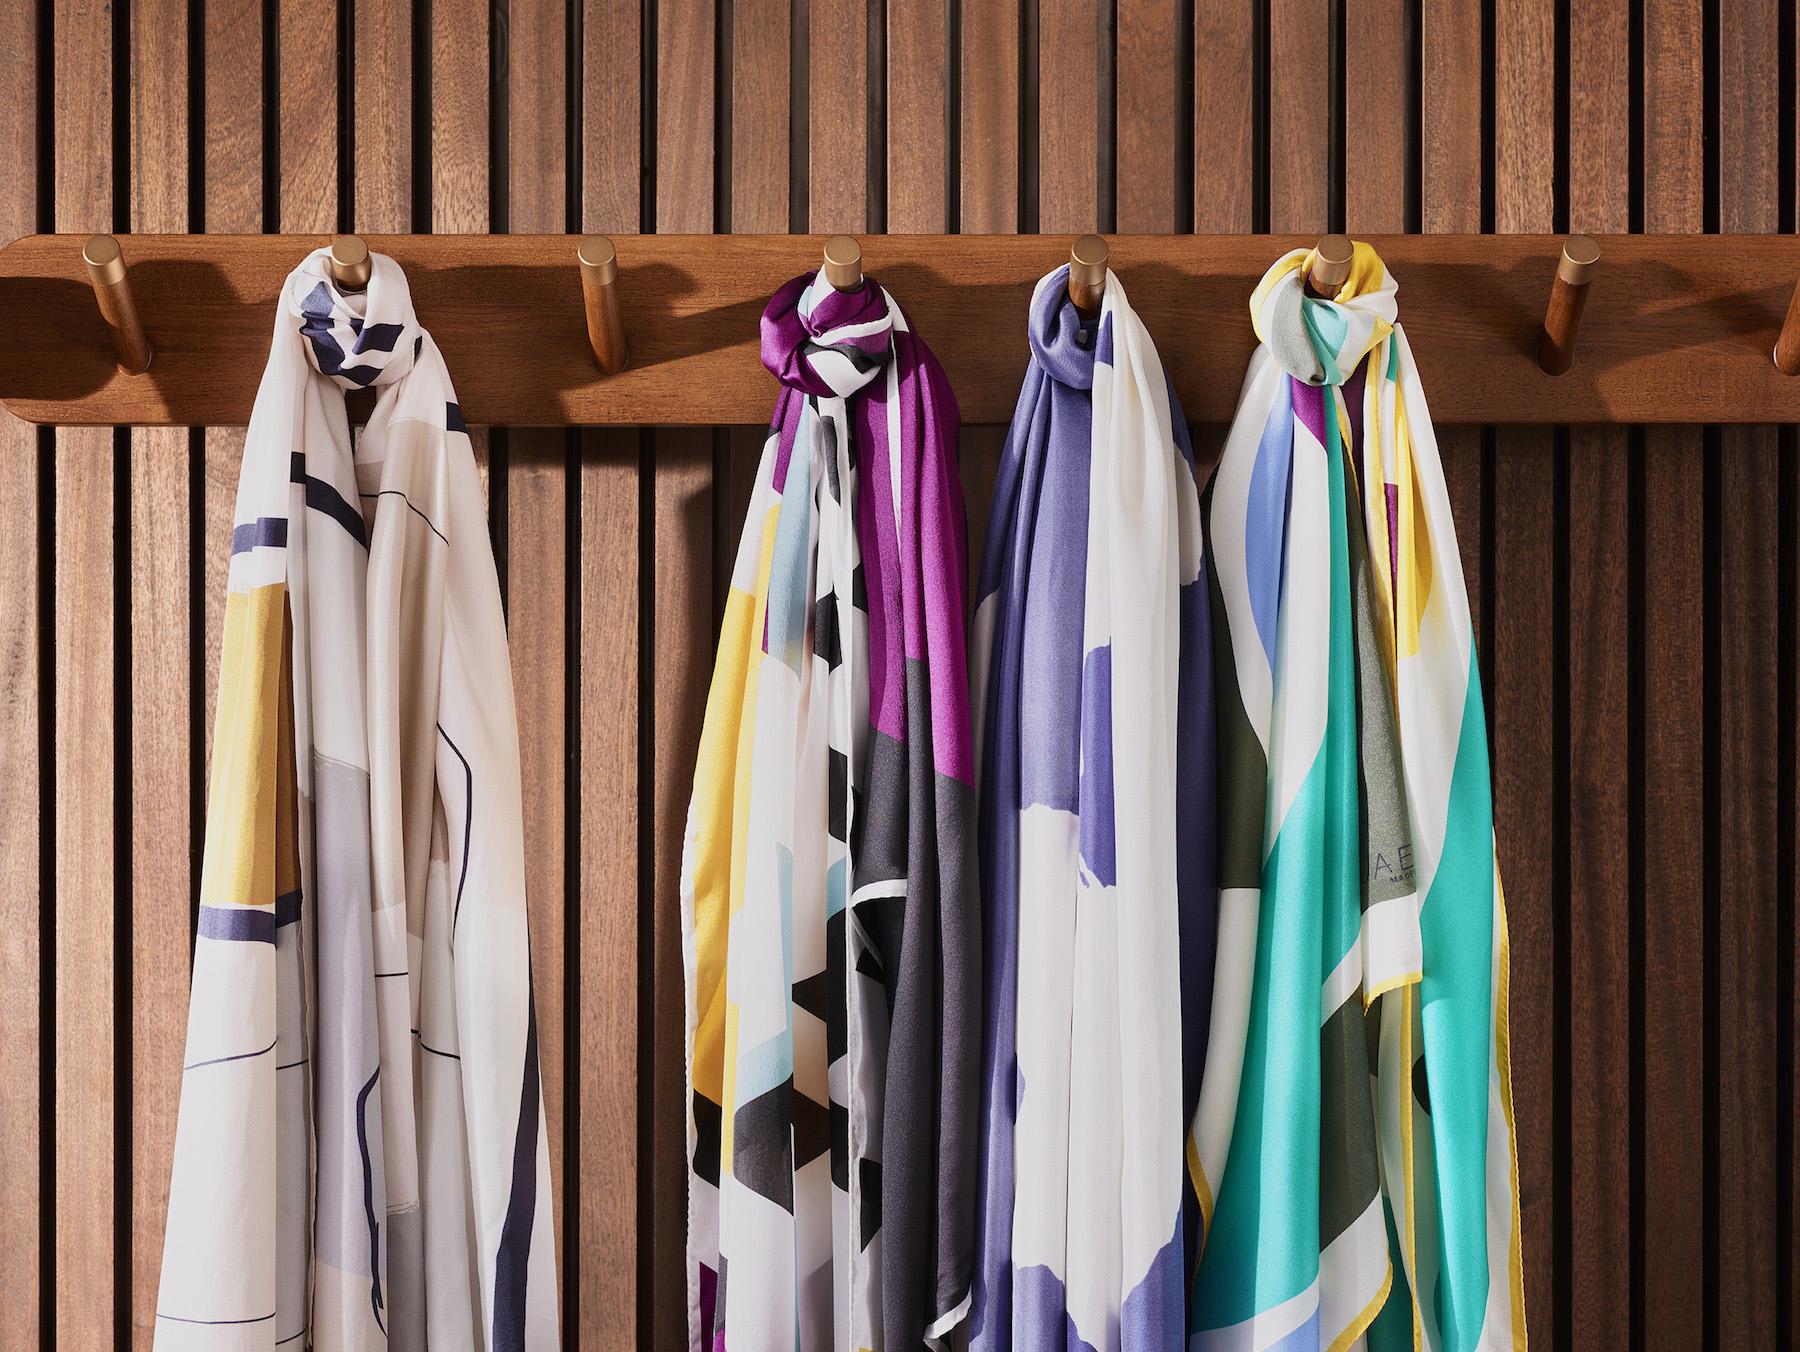 009-icon-artist-management-katie-hammond-advertising-jaeger-scarves.jpg